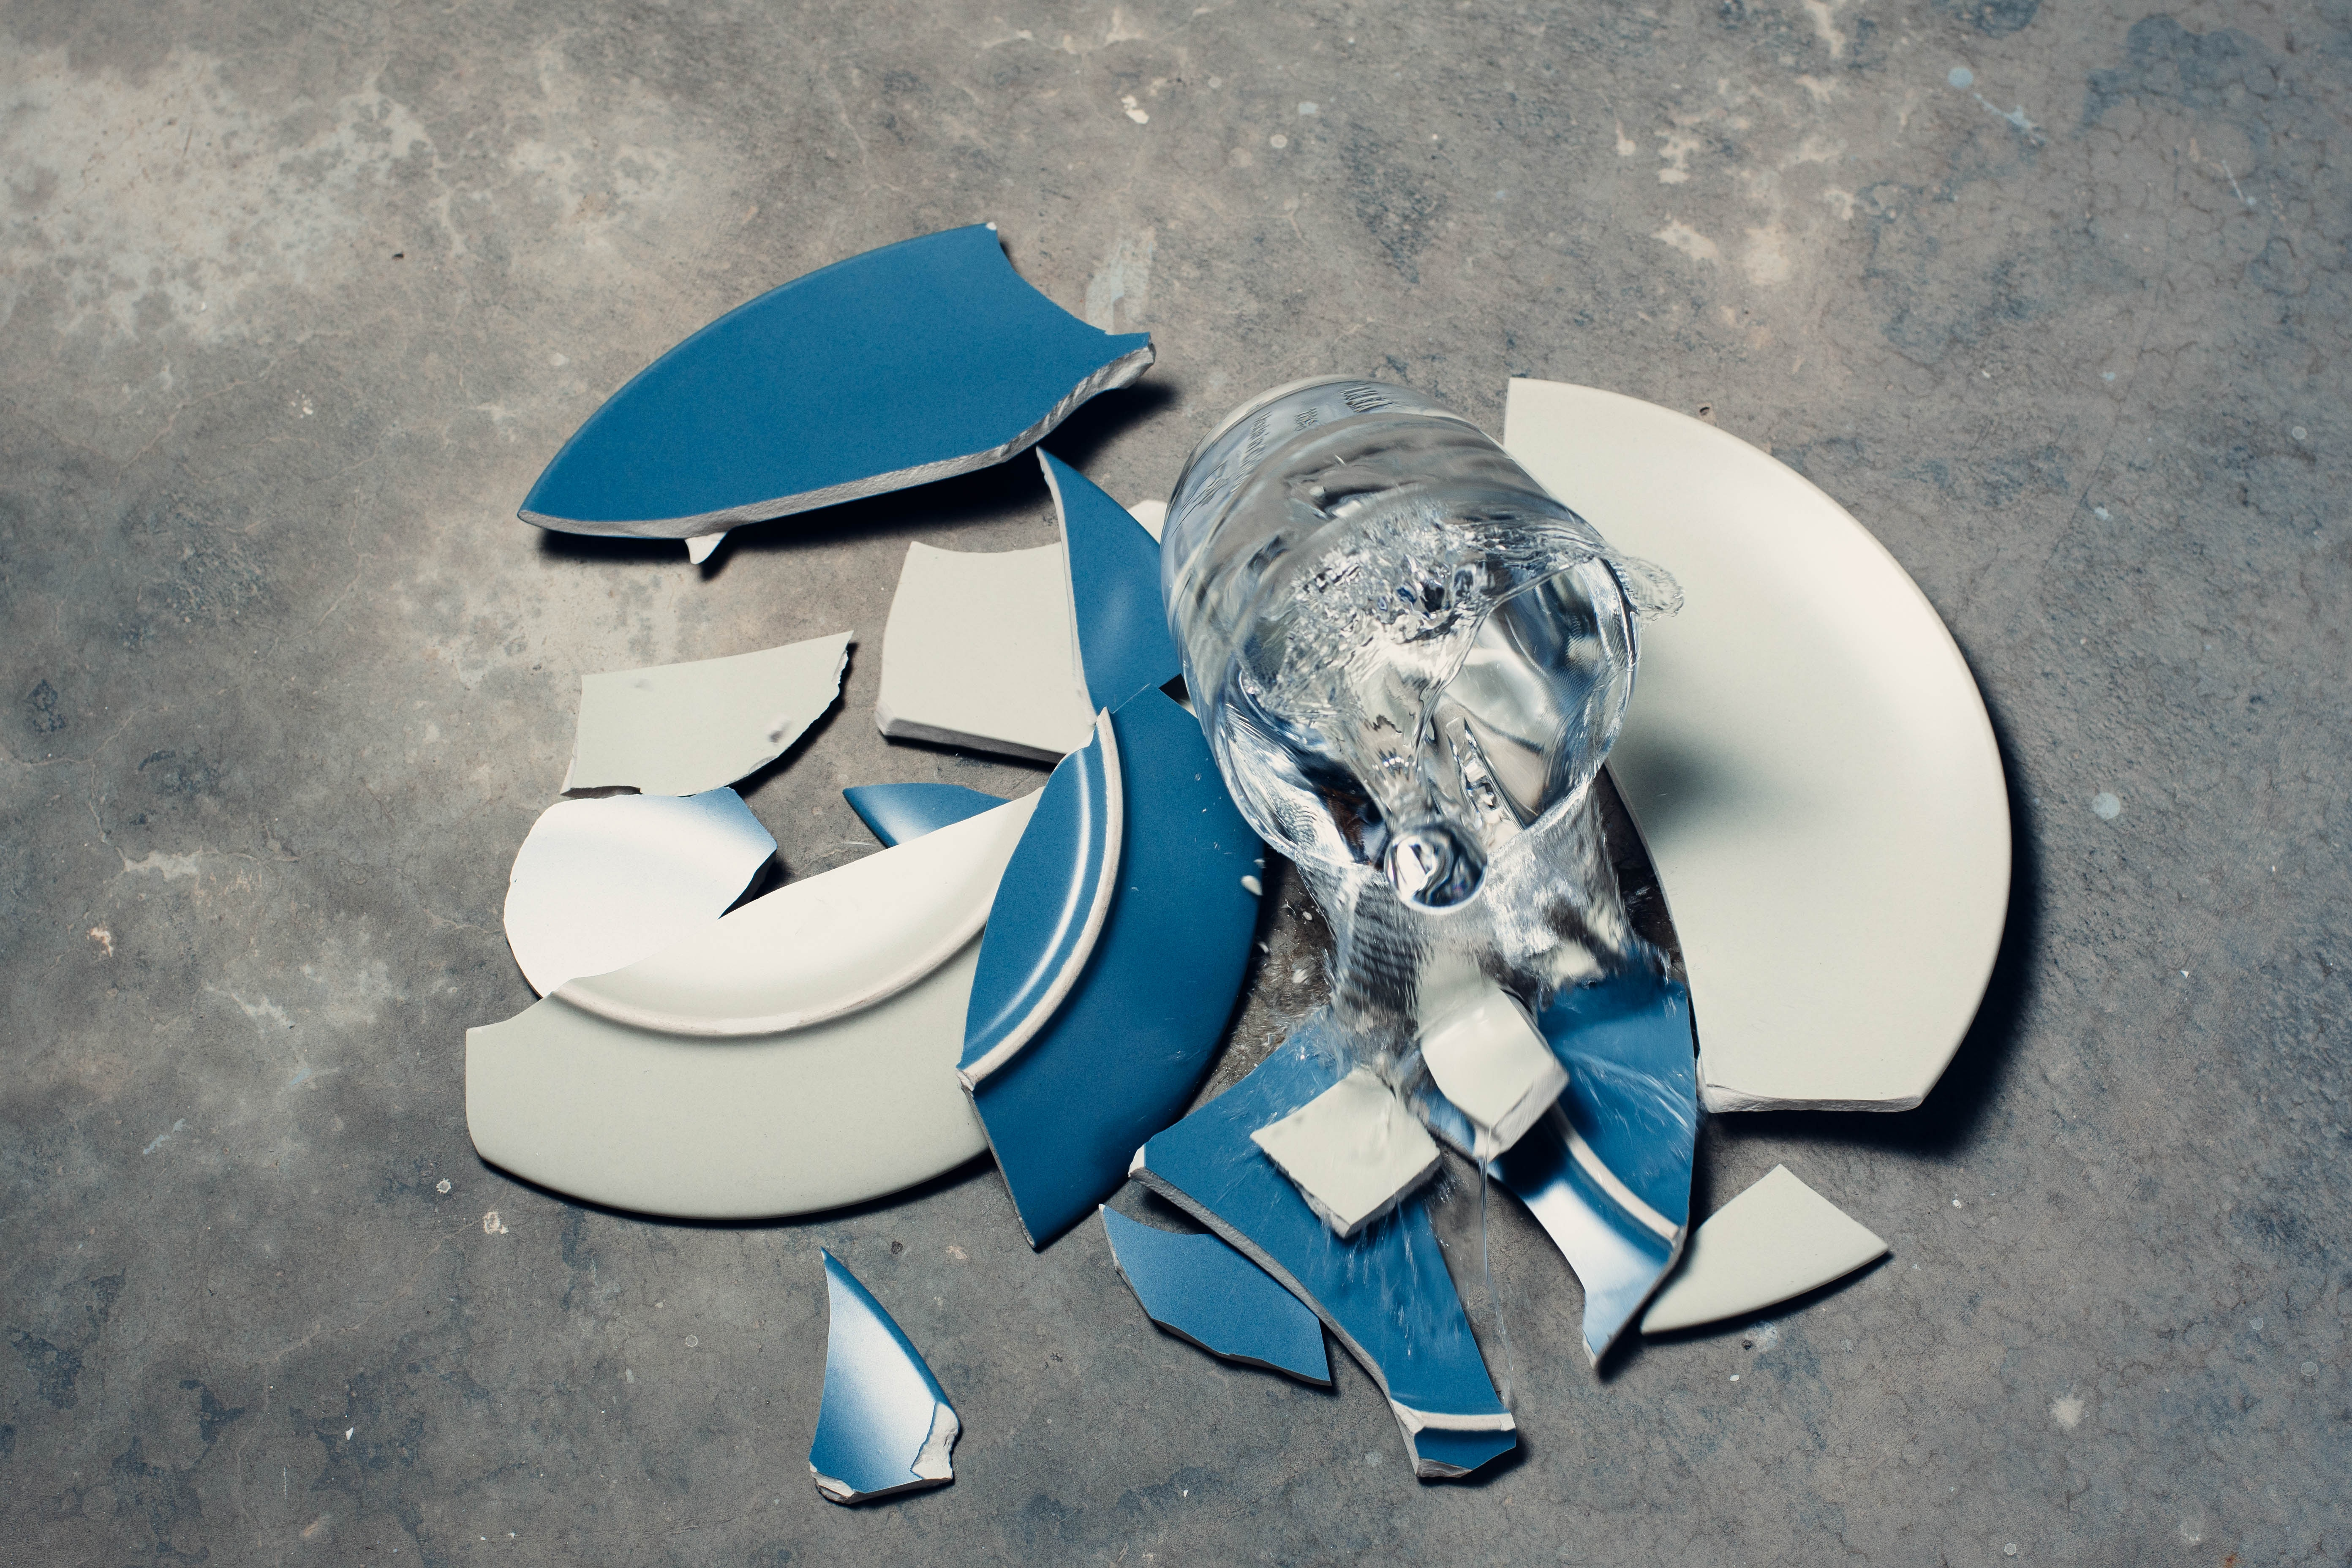 разбитая тарелка к счастью картинки нашей